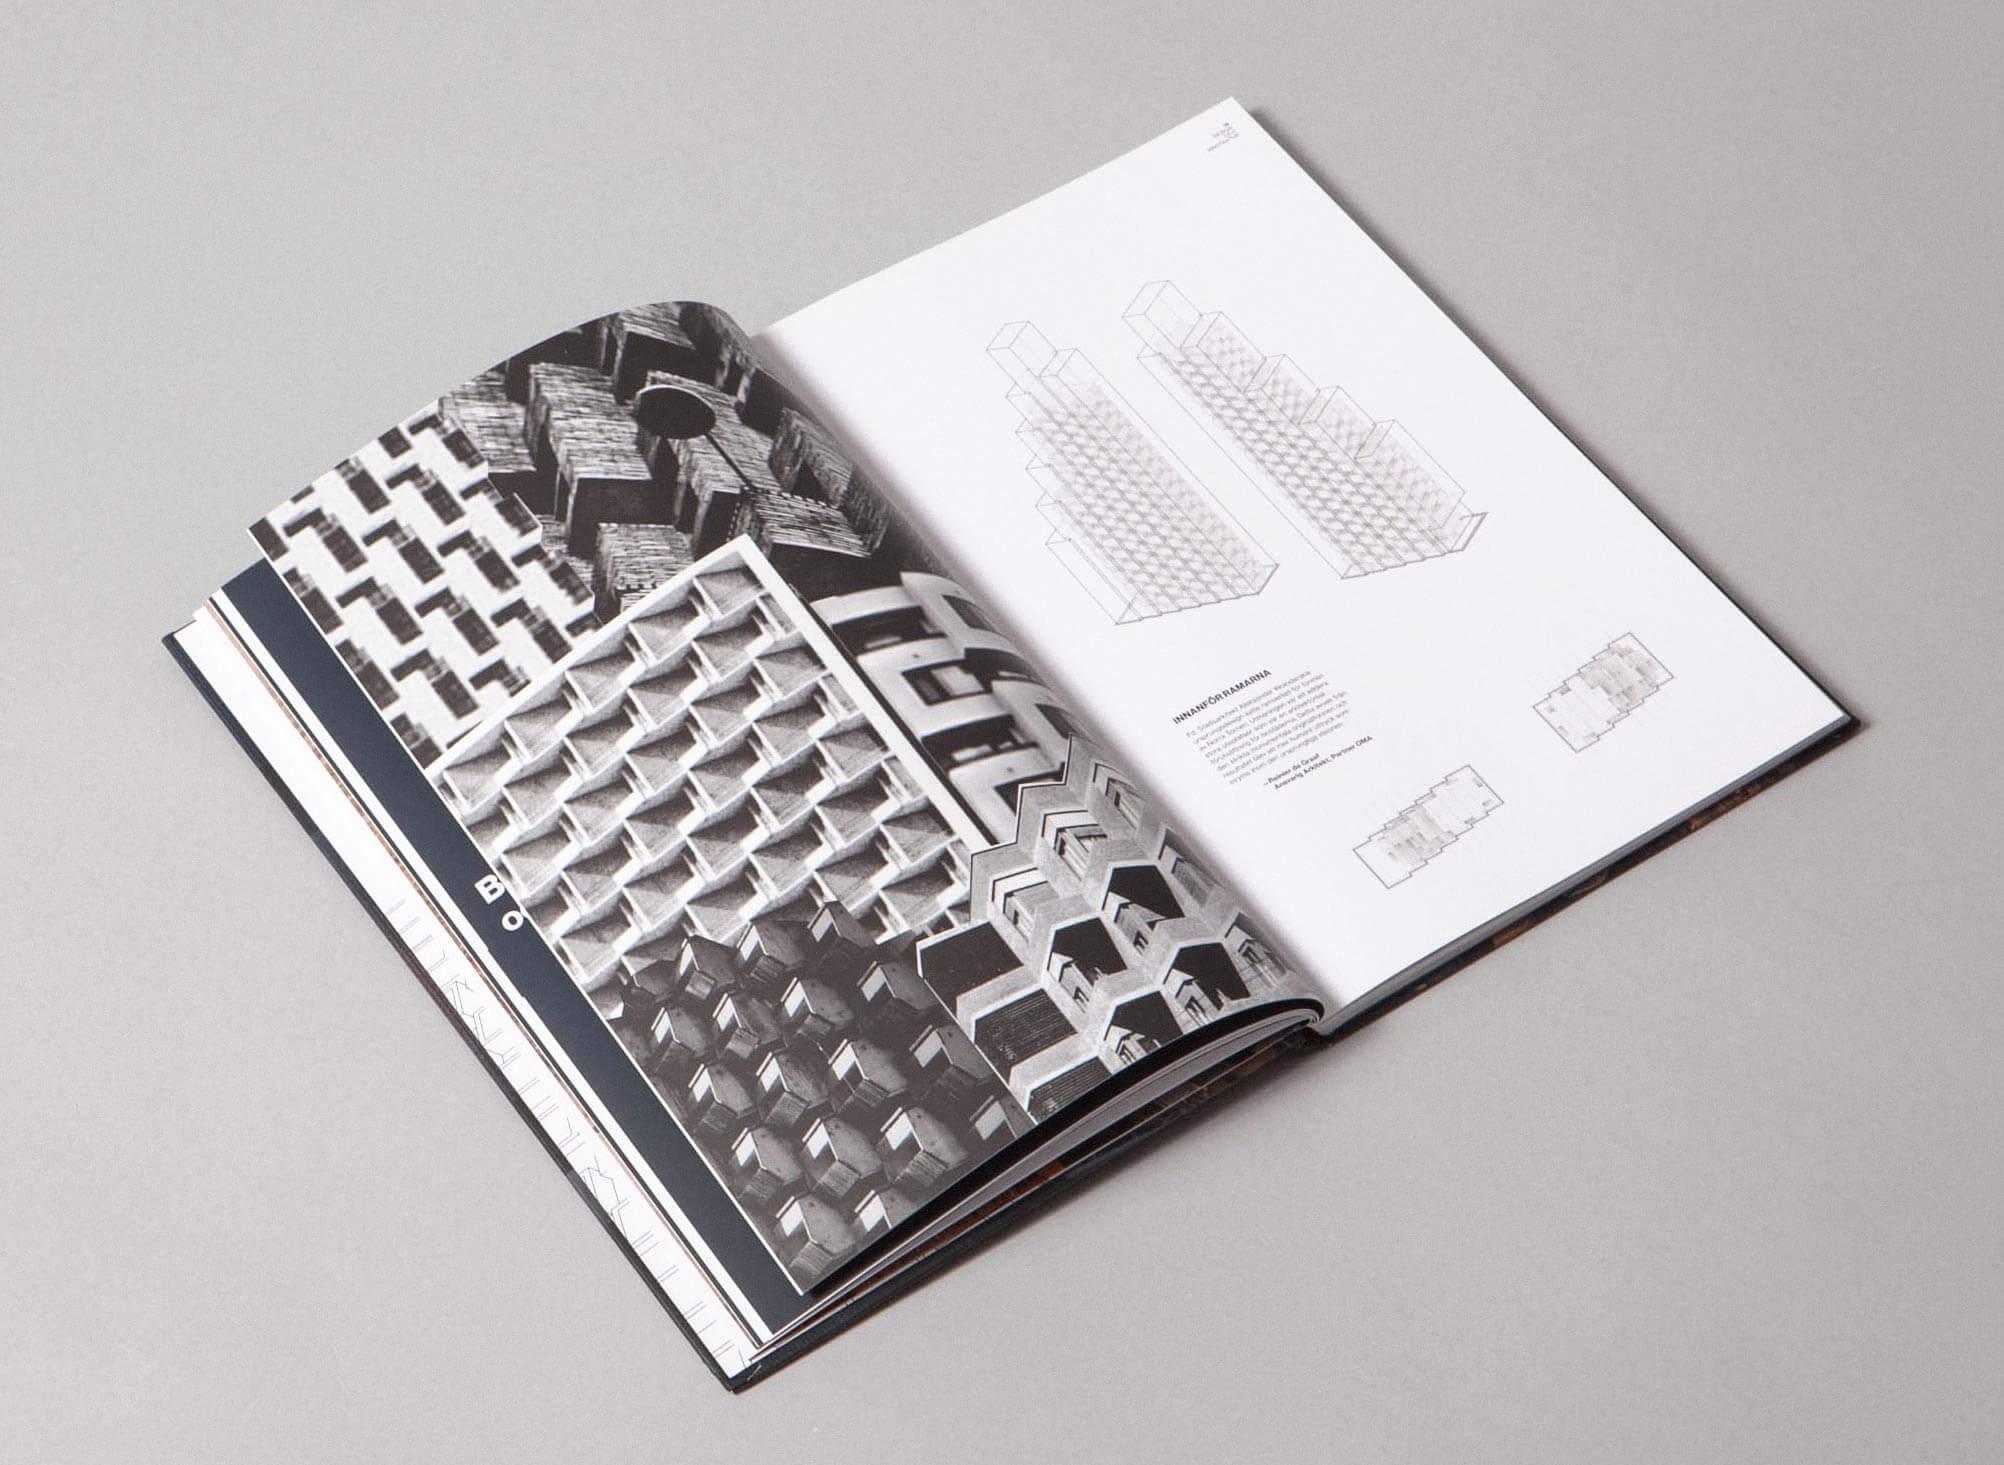 norra-tornen-book-8